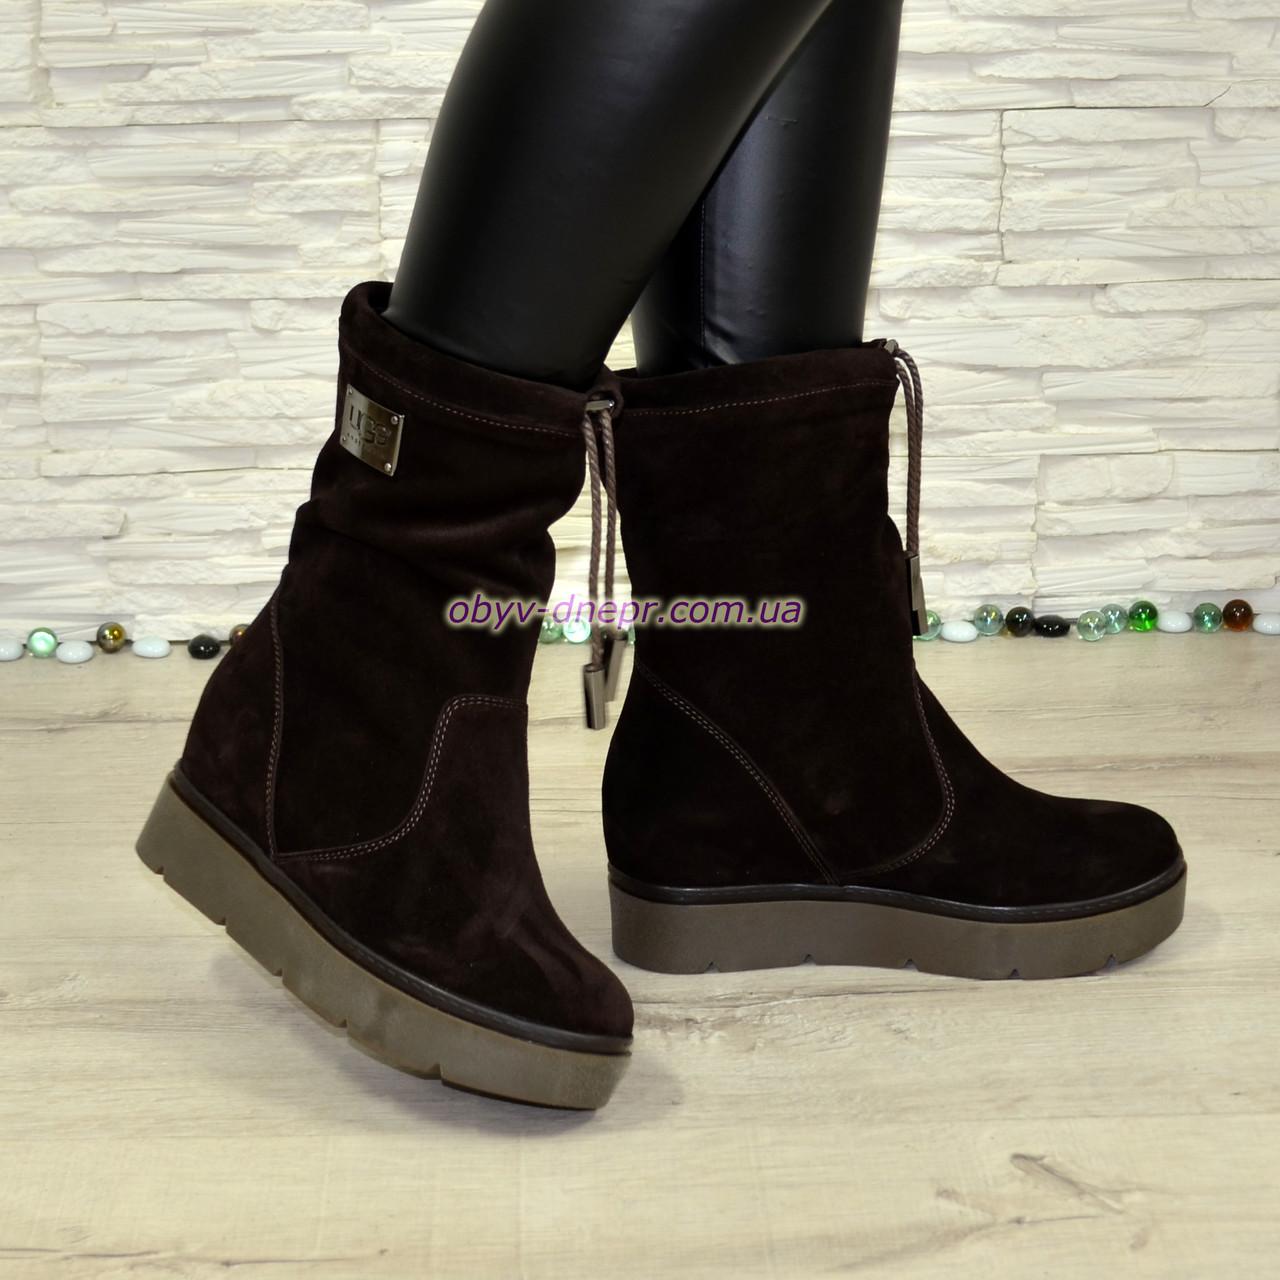 Ботинки замшевые демисезонные свободного обувания на скрытой танкетке, цвет коричневый